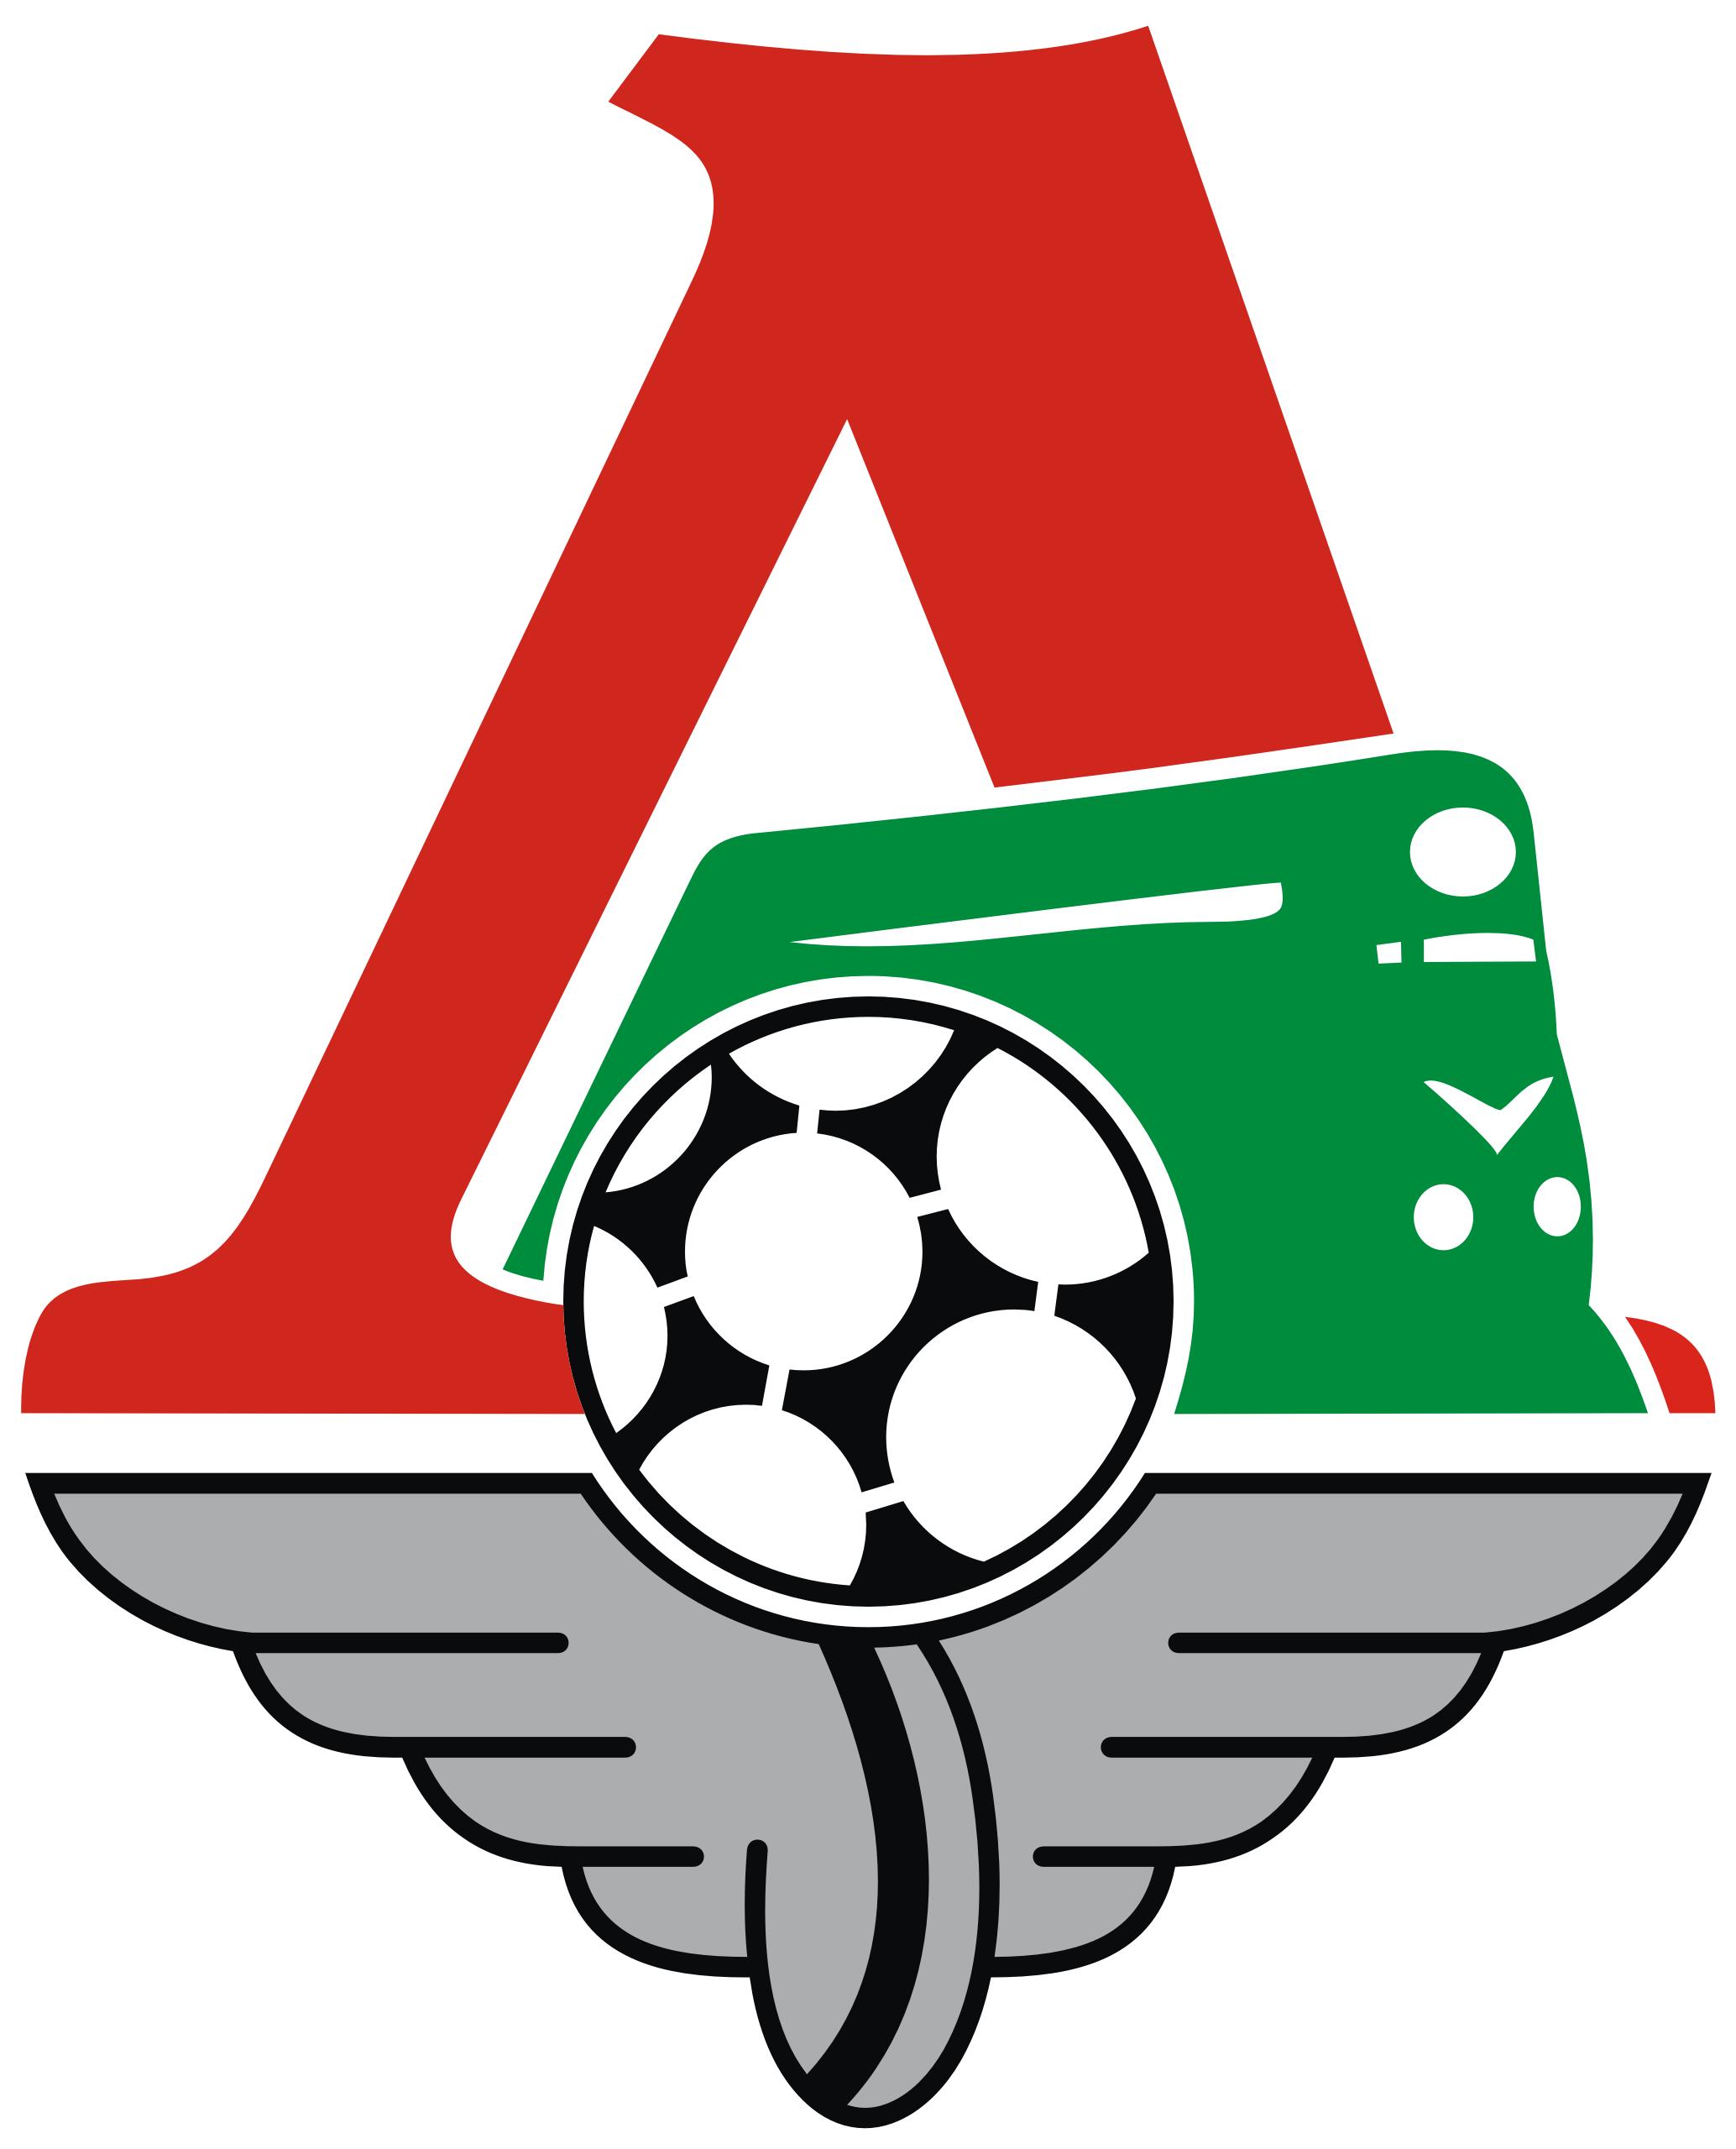 Емблема ФК «Локомотив Москва»